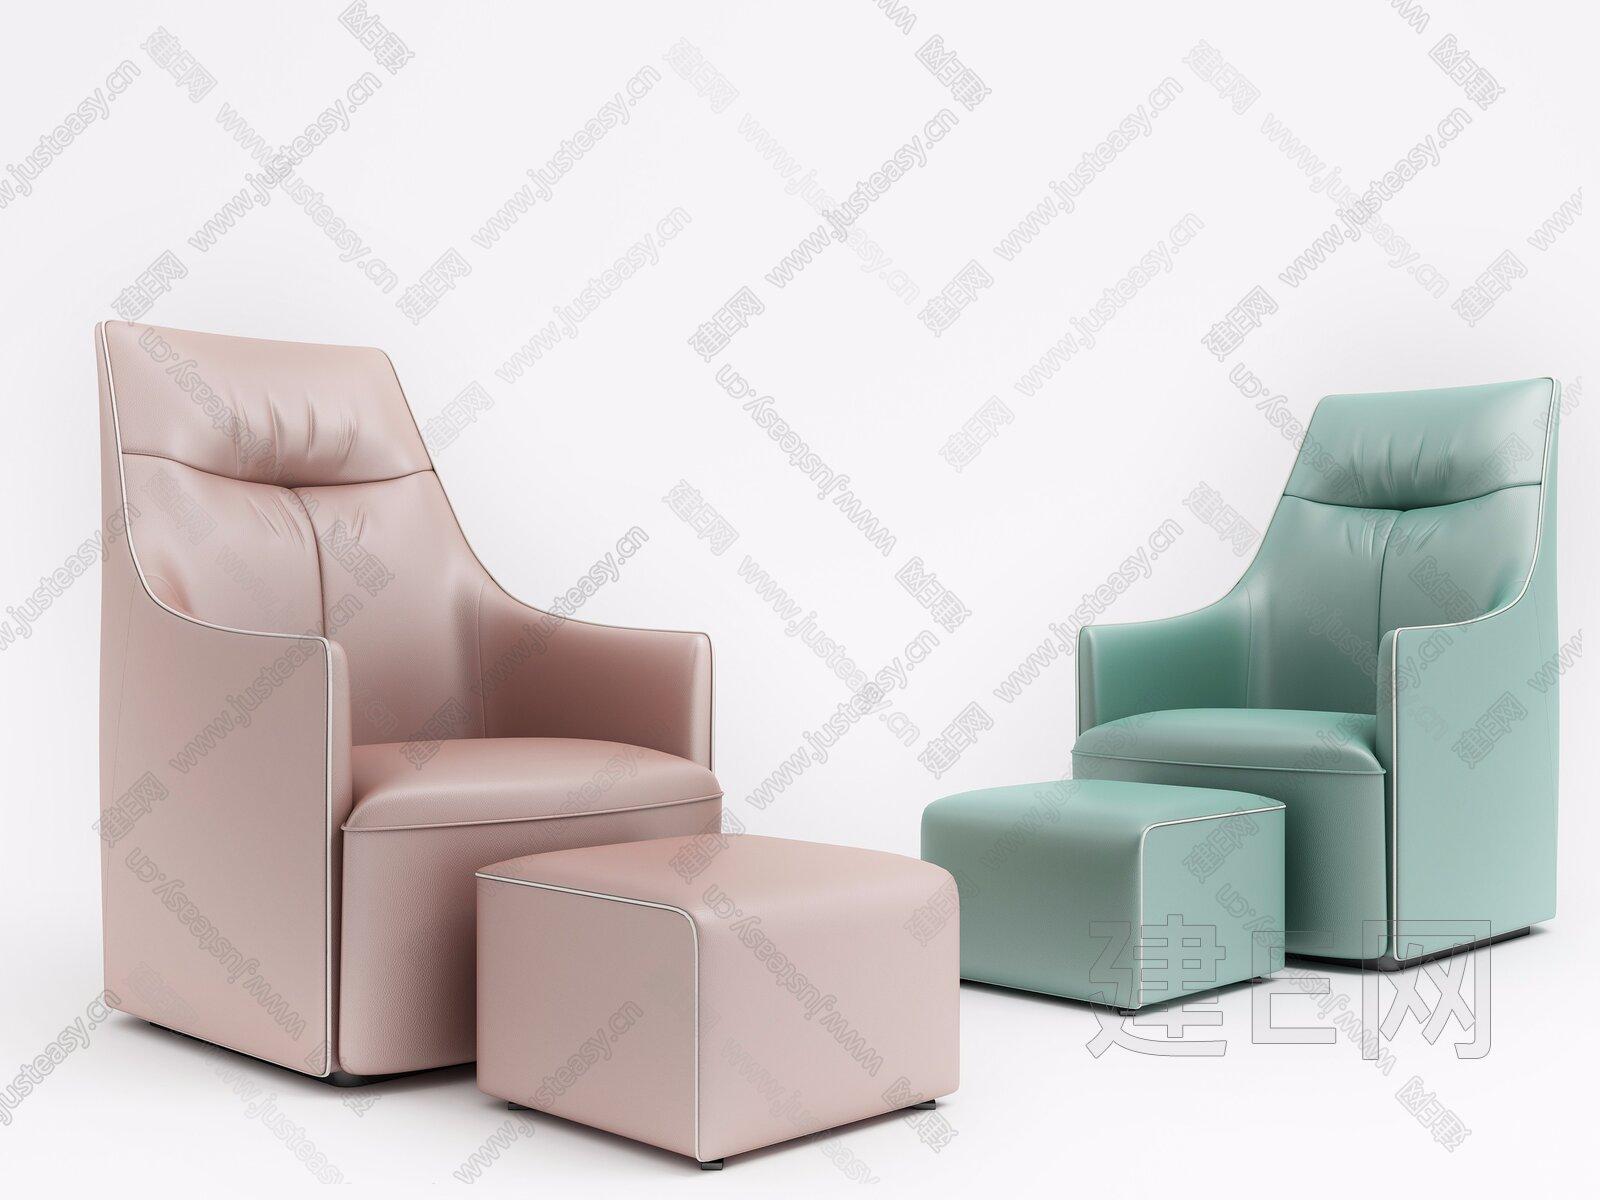 现代单人沙发3d模型